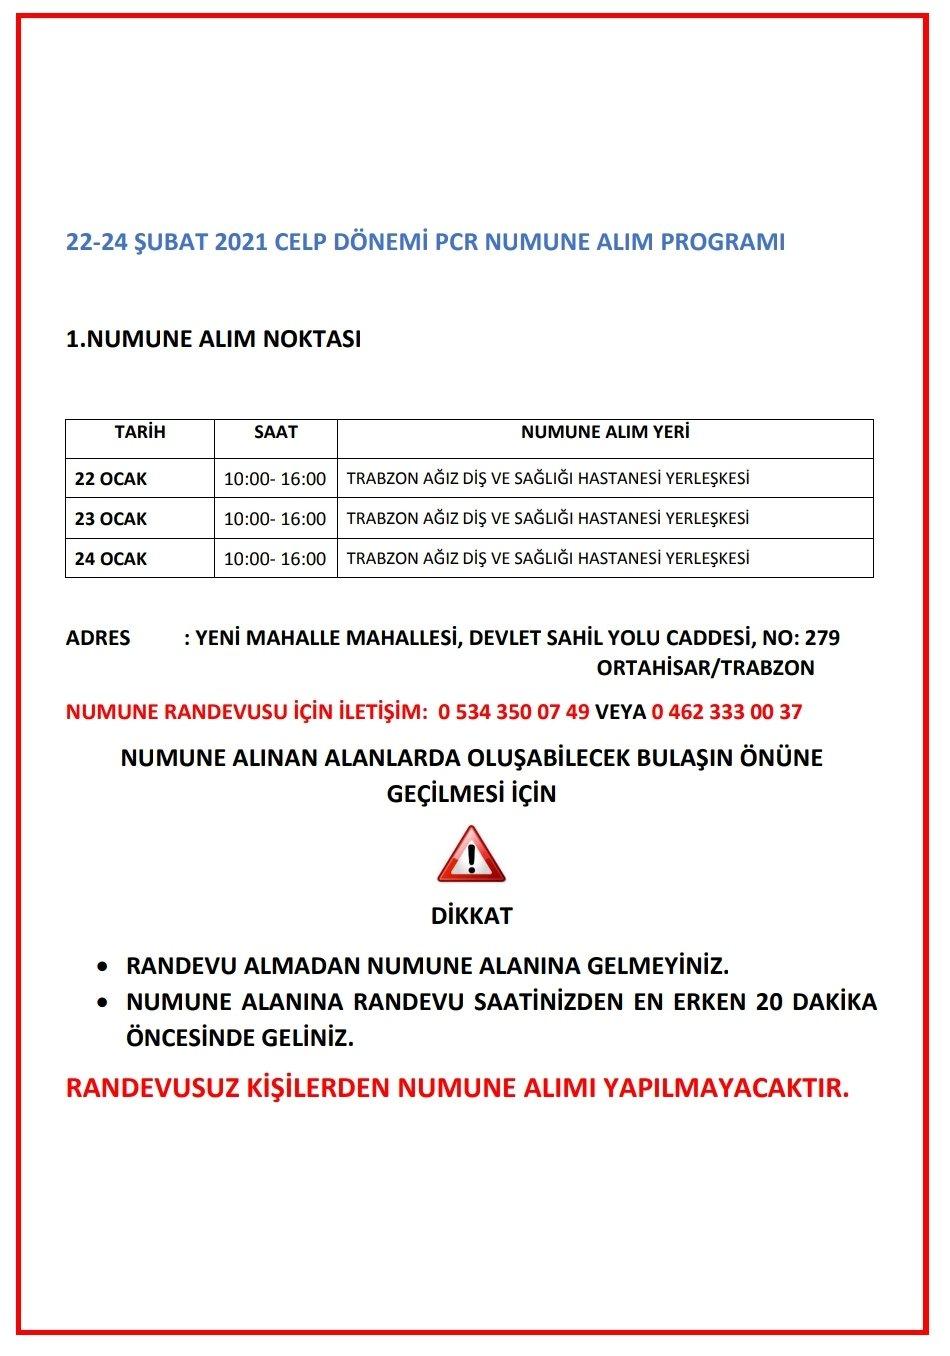 Trabzon İl Sağlık Müdürlüğü açıkladı! İşte program